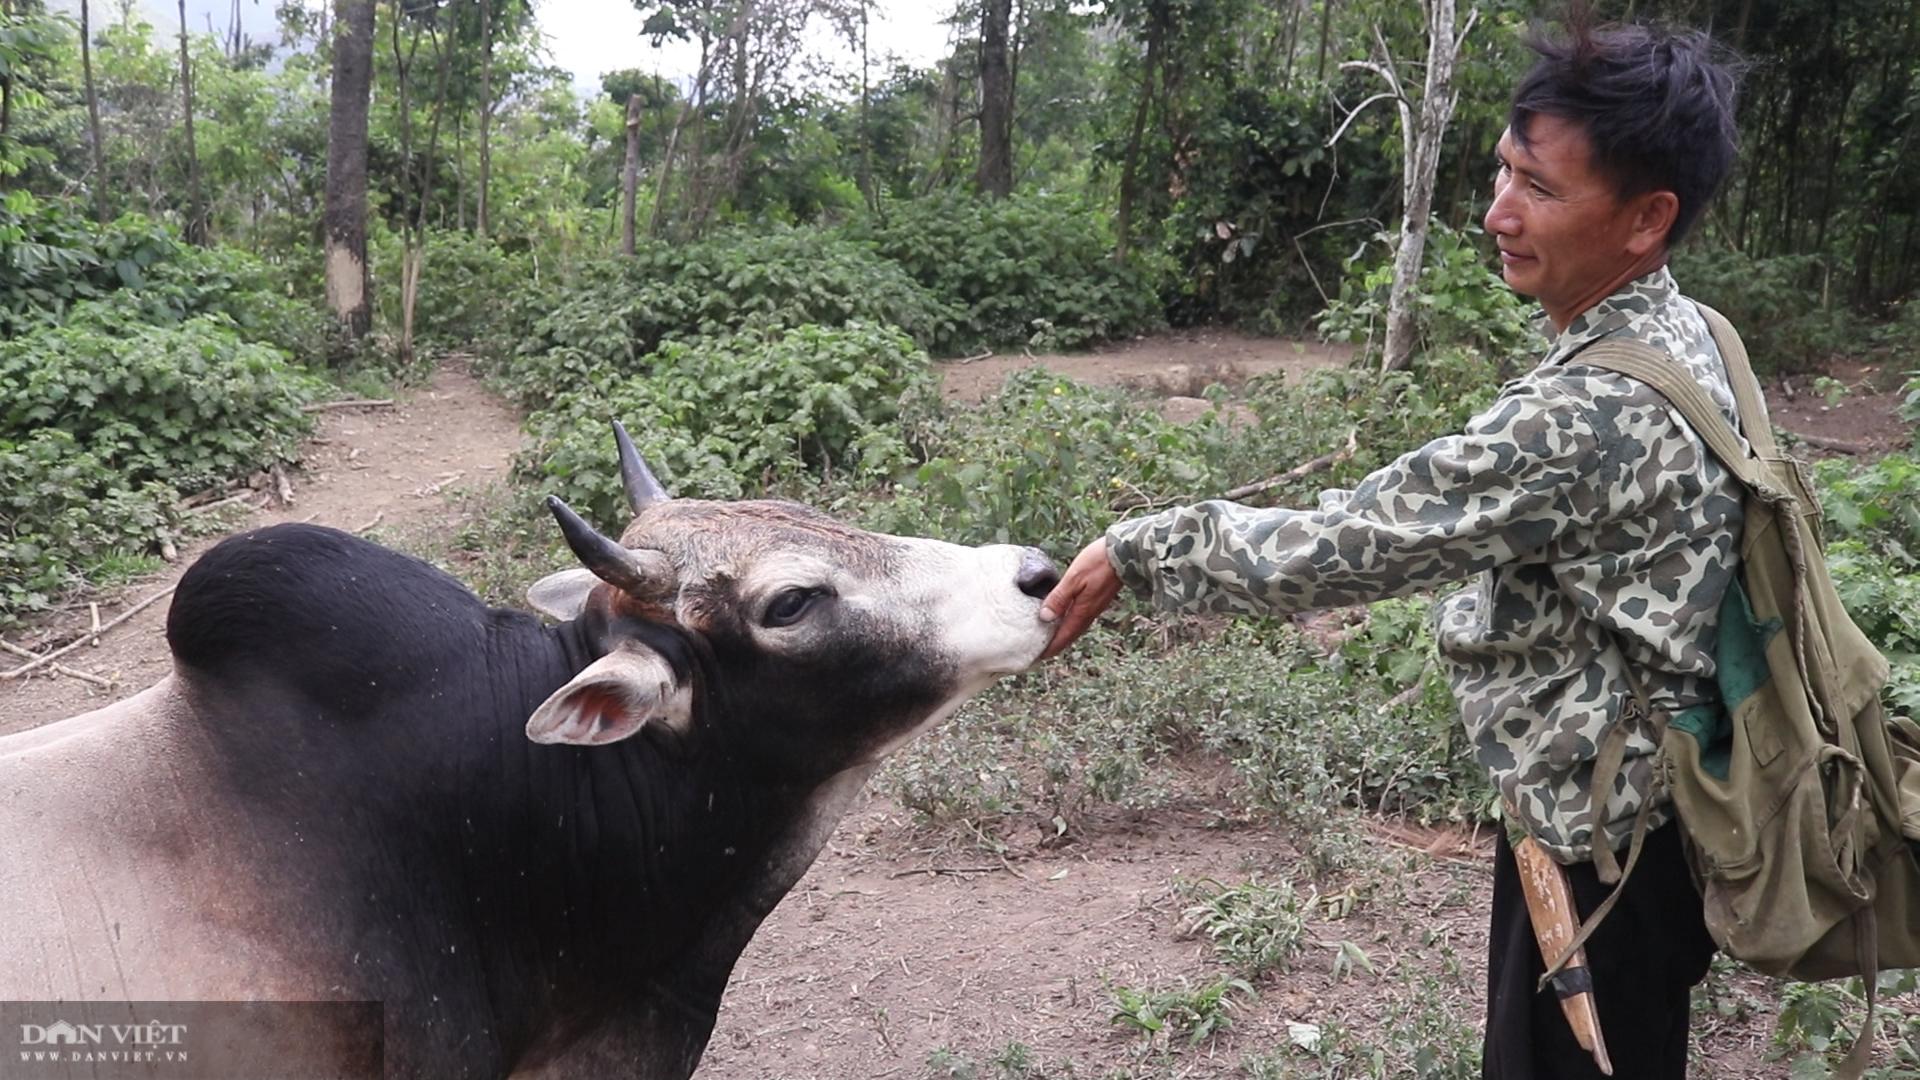 Thả rông trâu, bò lên rừng, lão nông người Mông ở giáp Lào đút túi hơn trăm triệu mỗi năm - Ảnh 4.